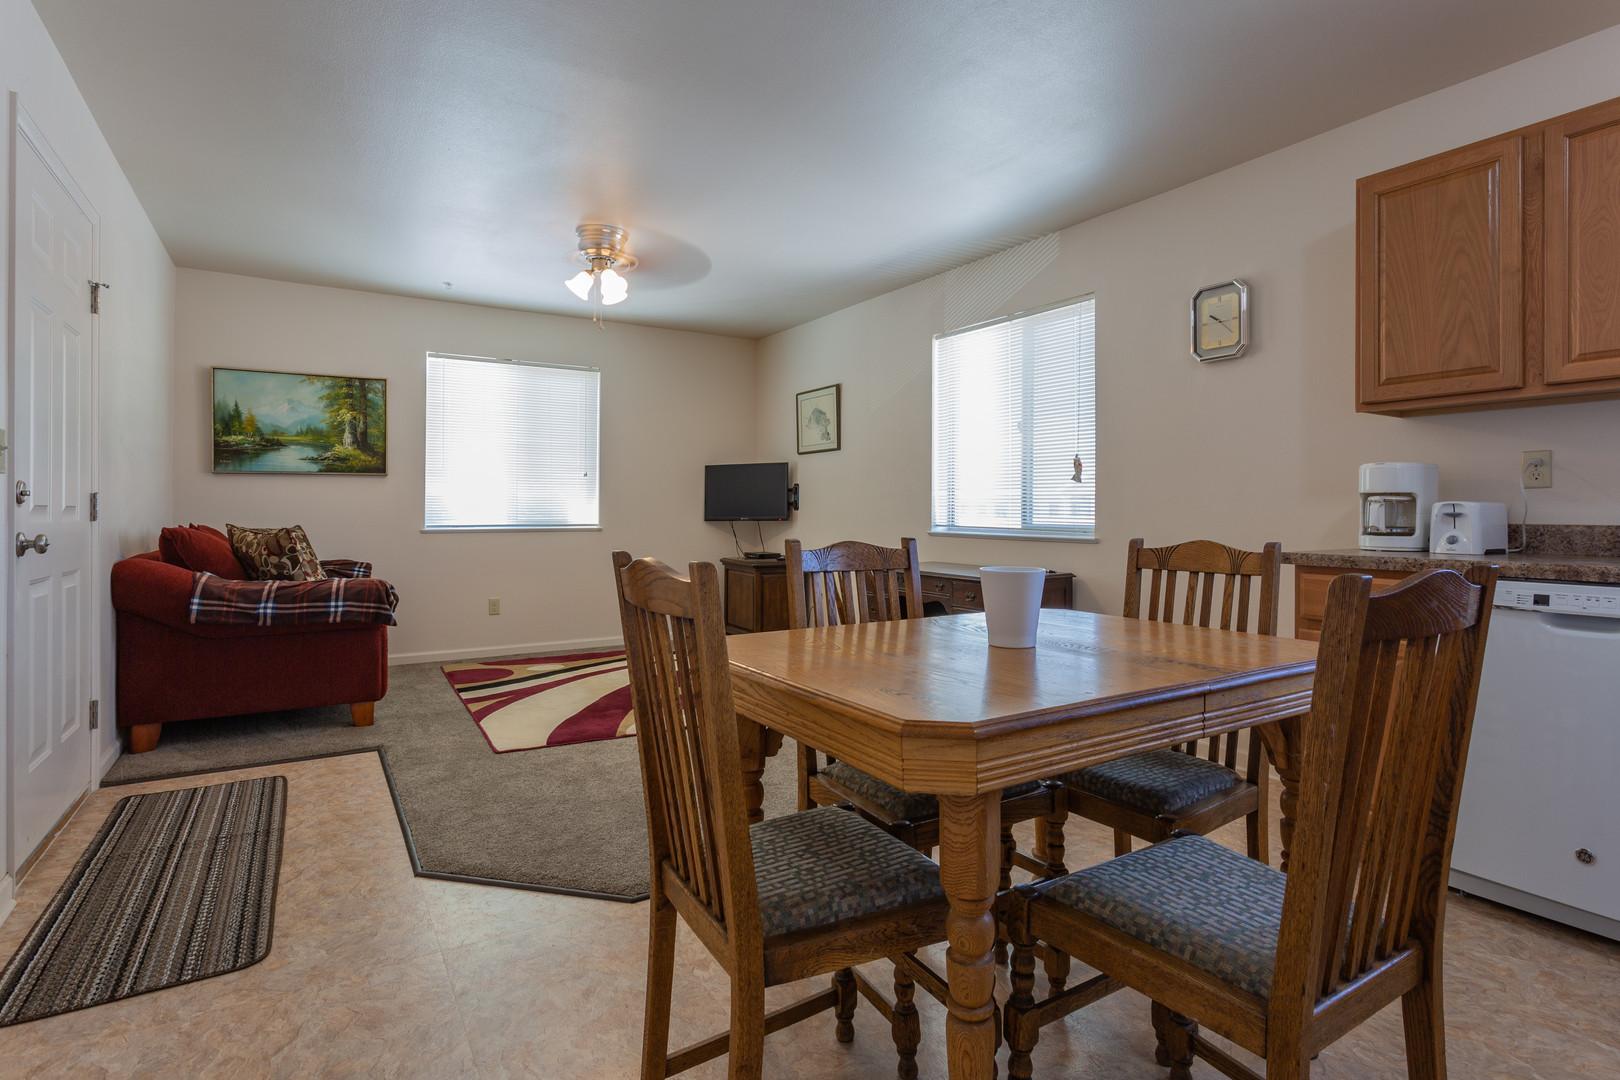 Kiva 1 BR Kitchen, Living Room